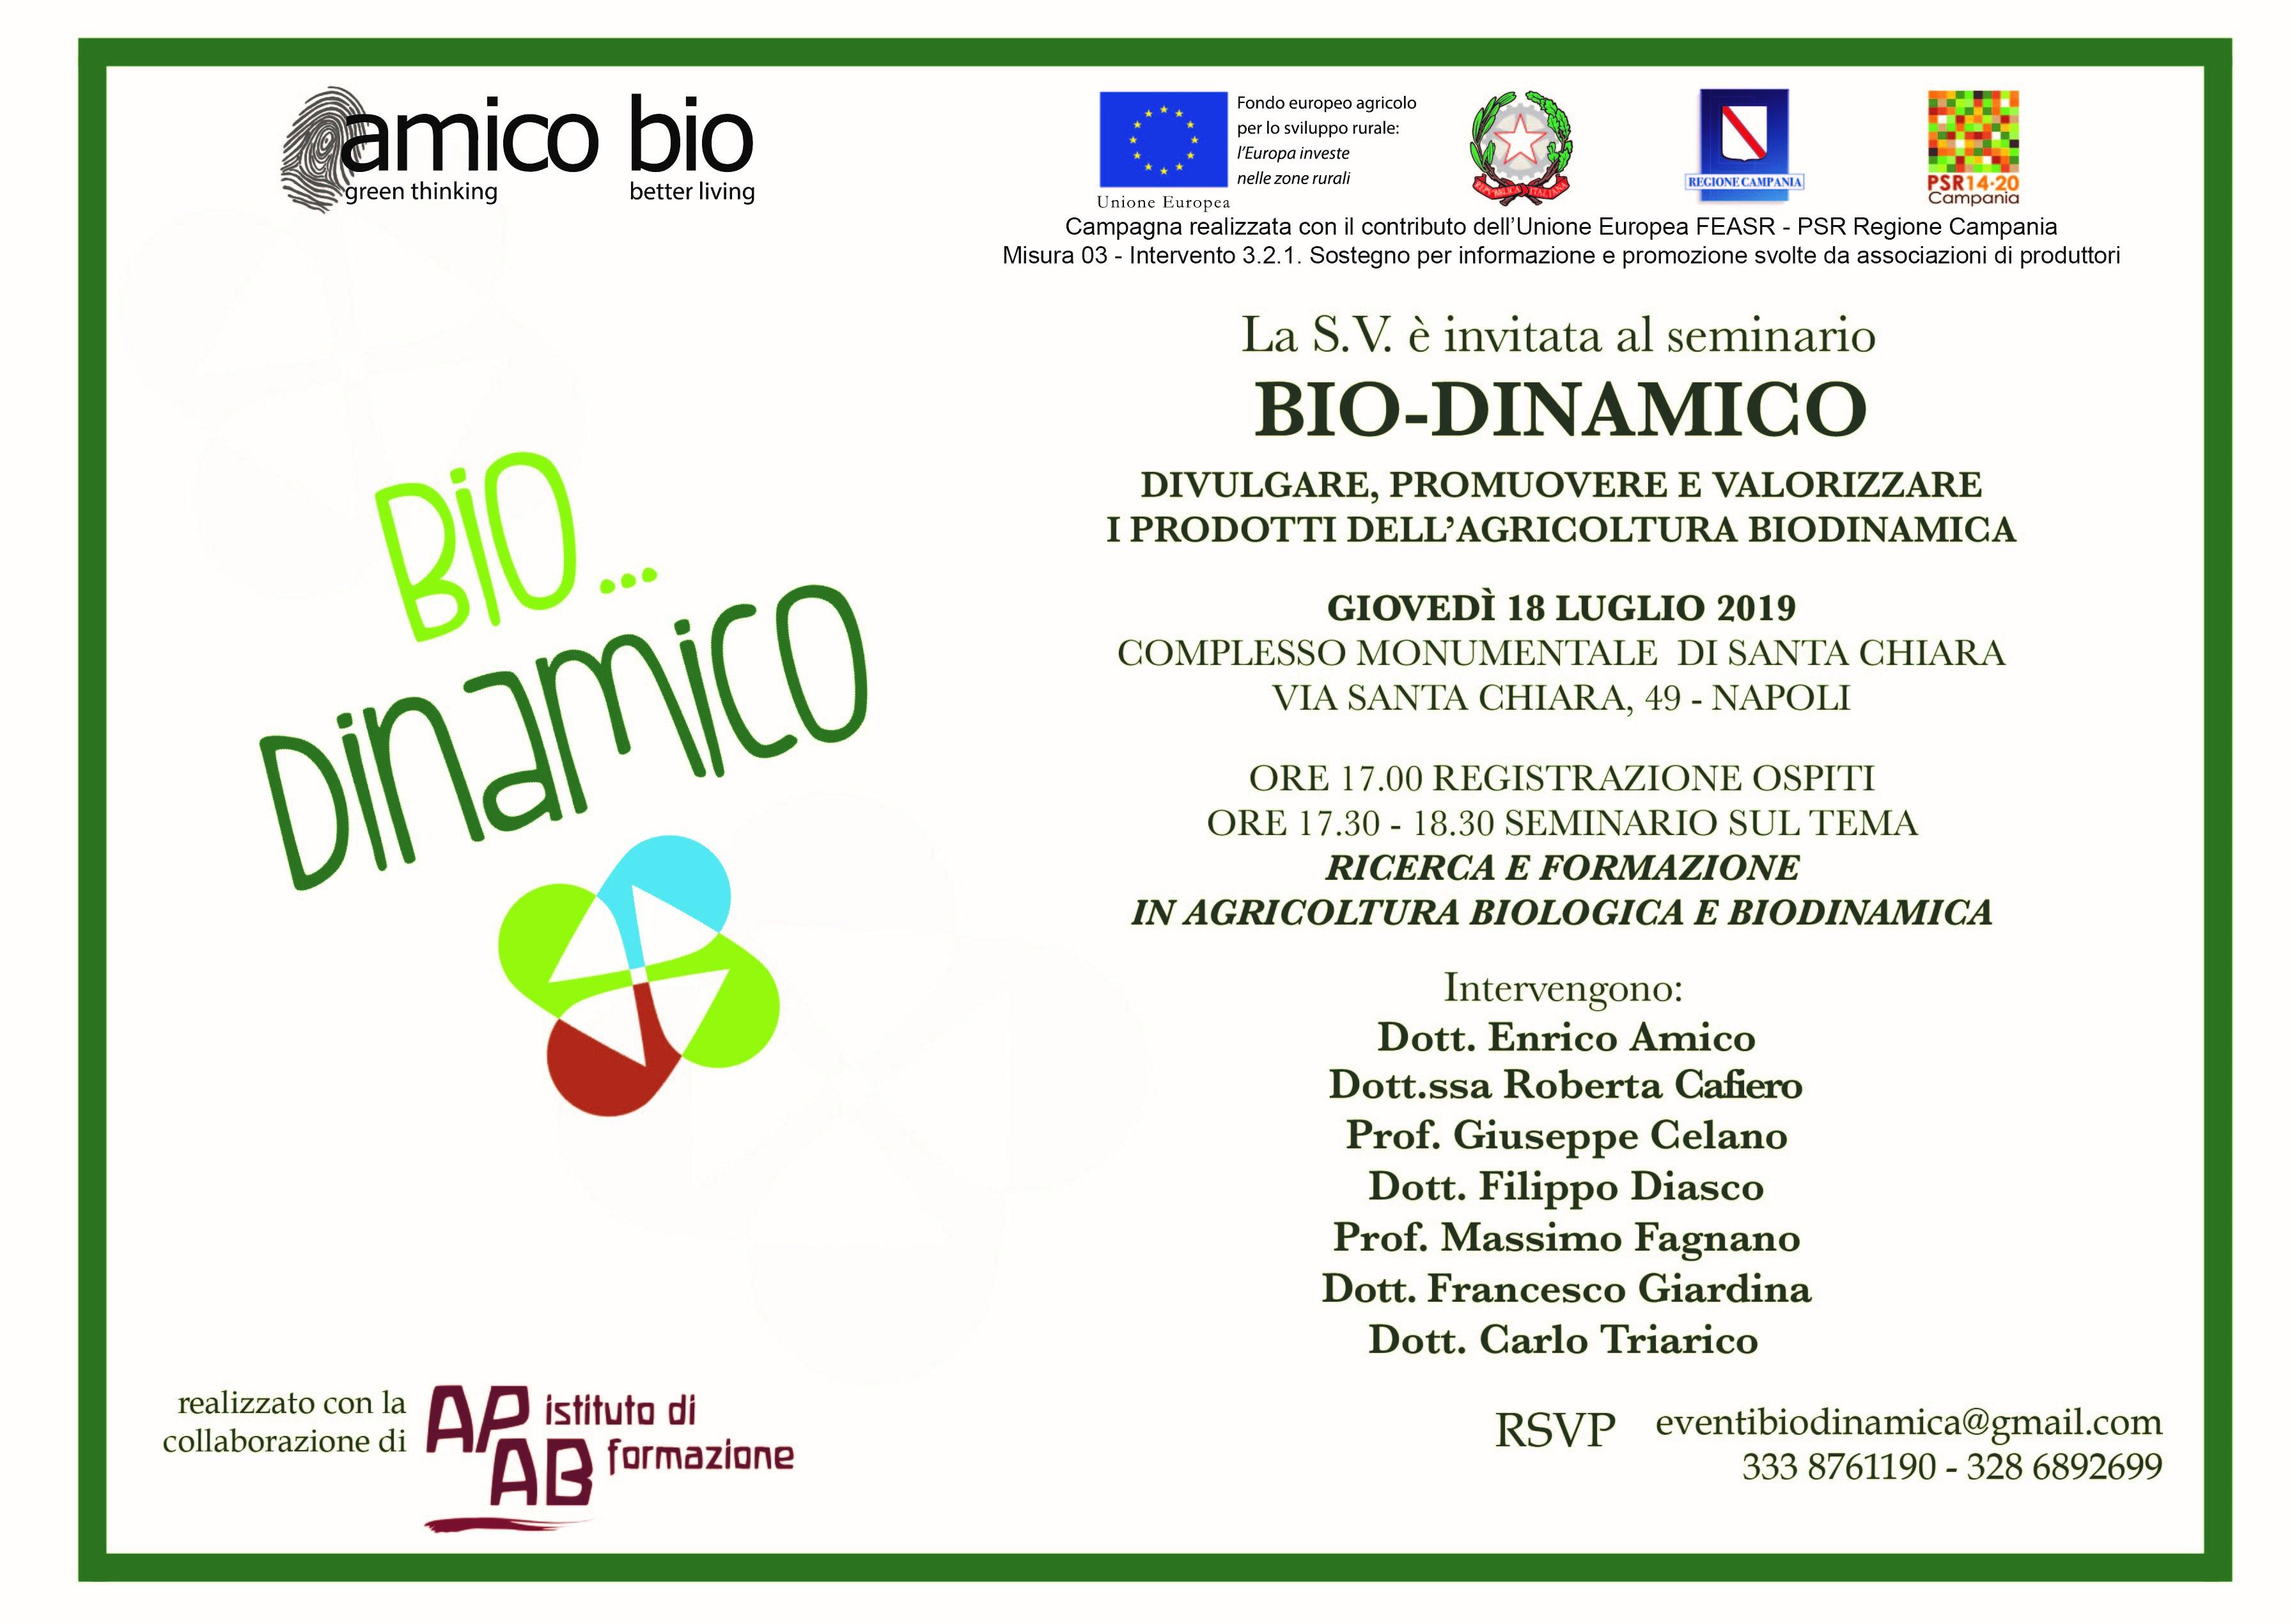 Bio…Dinamico terzo seminario a Napoli il 18 luglio 2019